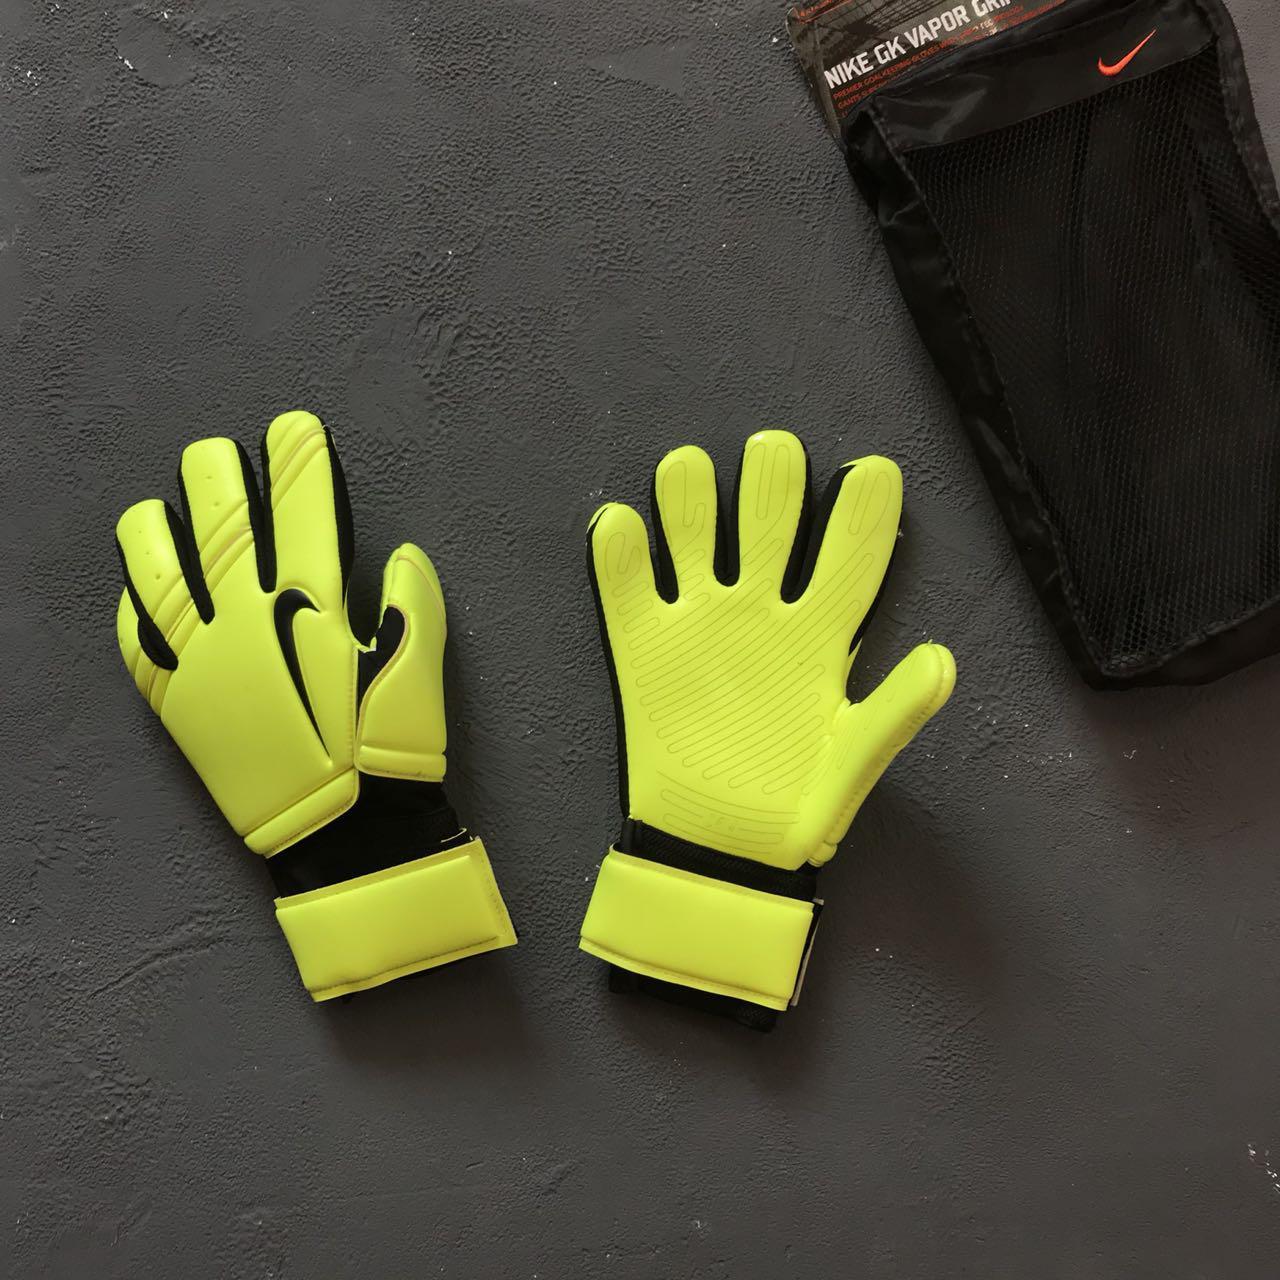 0403da99 Вратарские перчатки Nike Gk Premier - Sport Exclusive магазин футбольной  экипировки в Киеве